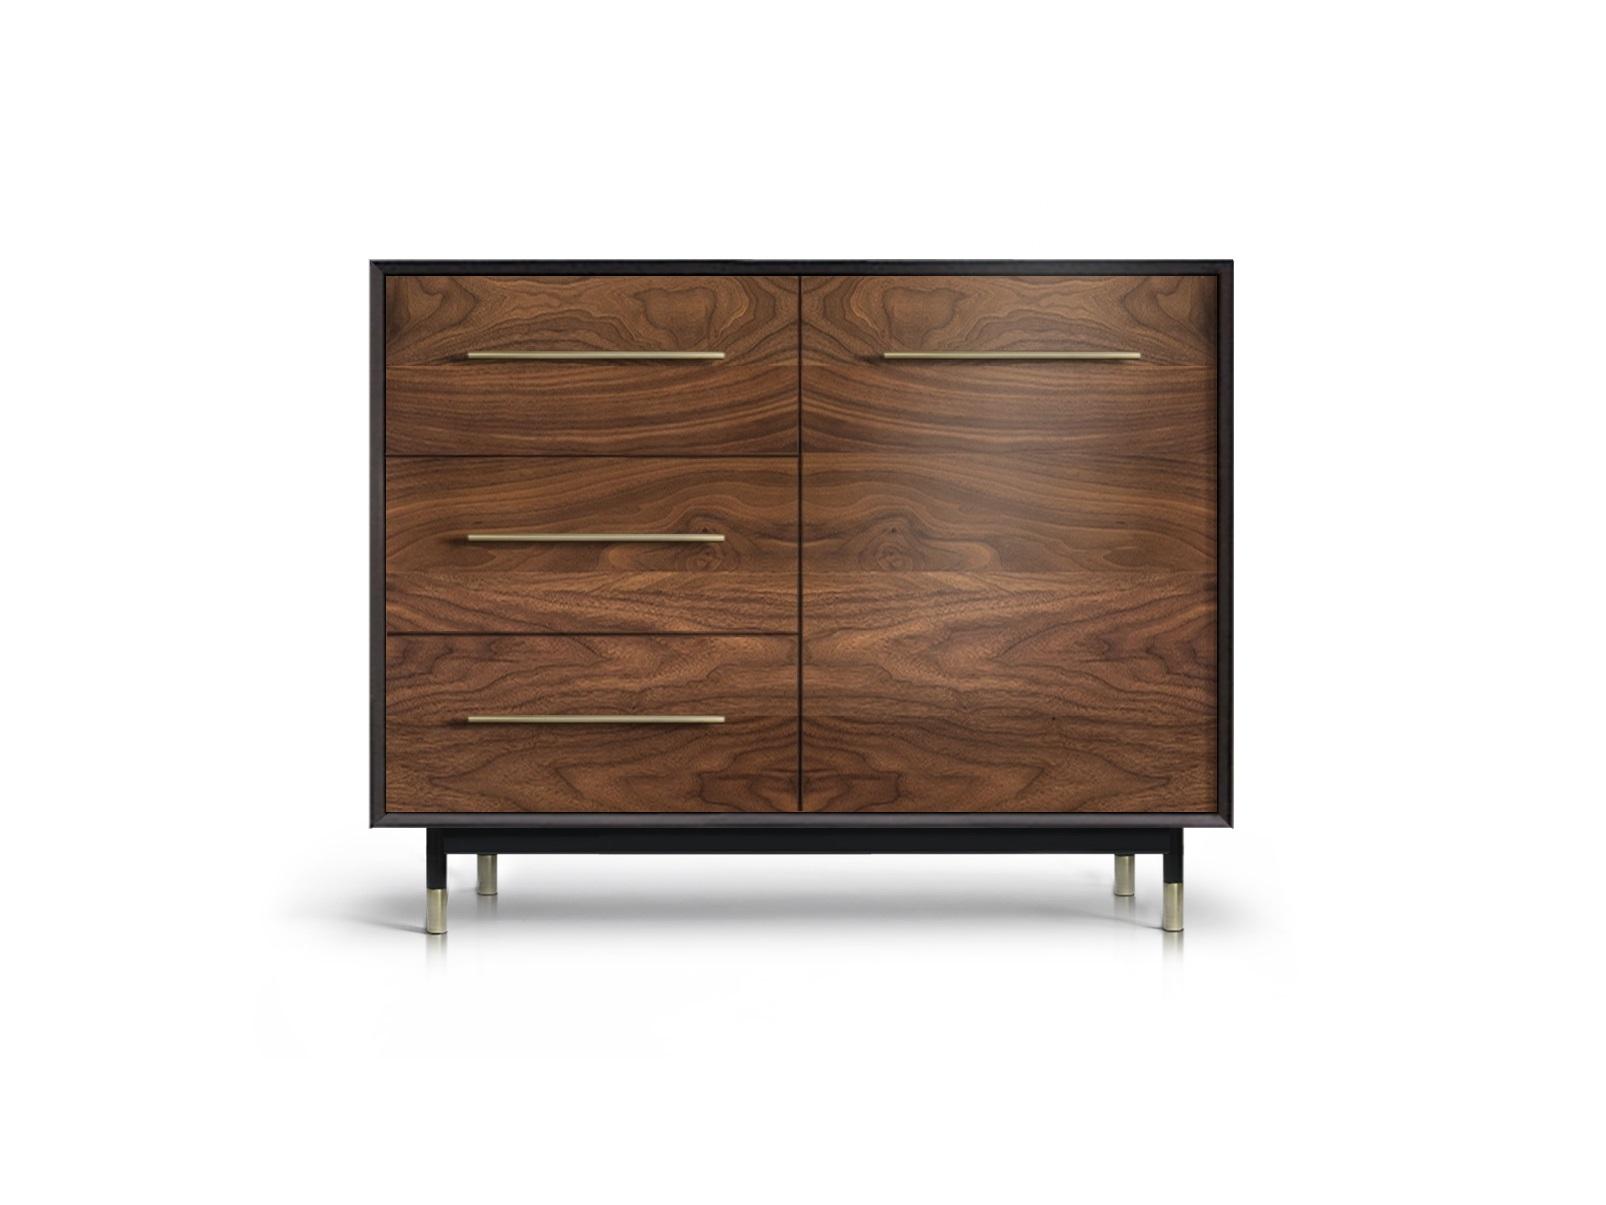 Тумба ImpalaИнтерьерные тумбы<br>&amp;lt;div&amp;gt;Контраст черного полуглянца корпуса и естественно-матовой древесной текстуры фасадов делает изделие ярким акцентом интерьера.&amp;amp;nbsp;&amp;lt;/div&amp;gt;&amp;lt;div&amp;gt;&amp;lt;br&amp;gt;&amp;lt;/div&amp;gt;&amp;lt;div&amp;gt;Материалы: корпус - массив и ламели ясеня, мебельный щит; фасады - МДФ, натуральный шпон американского ореха; покрытие - краска, лак; декоративная фурнитура - латунь патинированная вручную, матовый никель.&amp;amp;nbsp;&amp;lt;/div&amp;gt;&amp;lt;div&amp;gt;Конфигурация: 3 ящика / 1 дверь (полка).&amp;amp;nbsp;&amp;lt;/div&amp;gt;<br><br>Material: МДФ<br>Width см: 103<br>Depth см: 50<br>Height см: 94